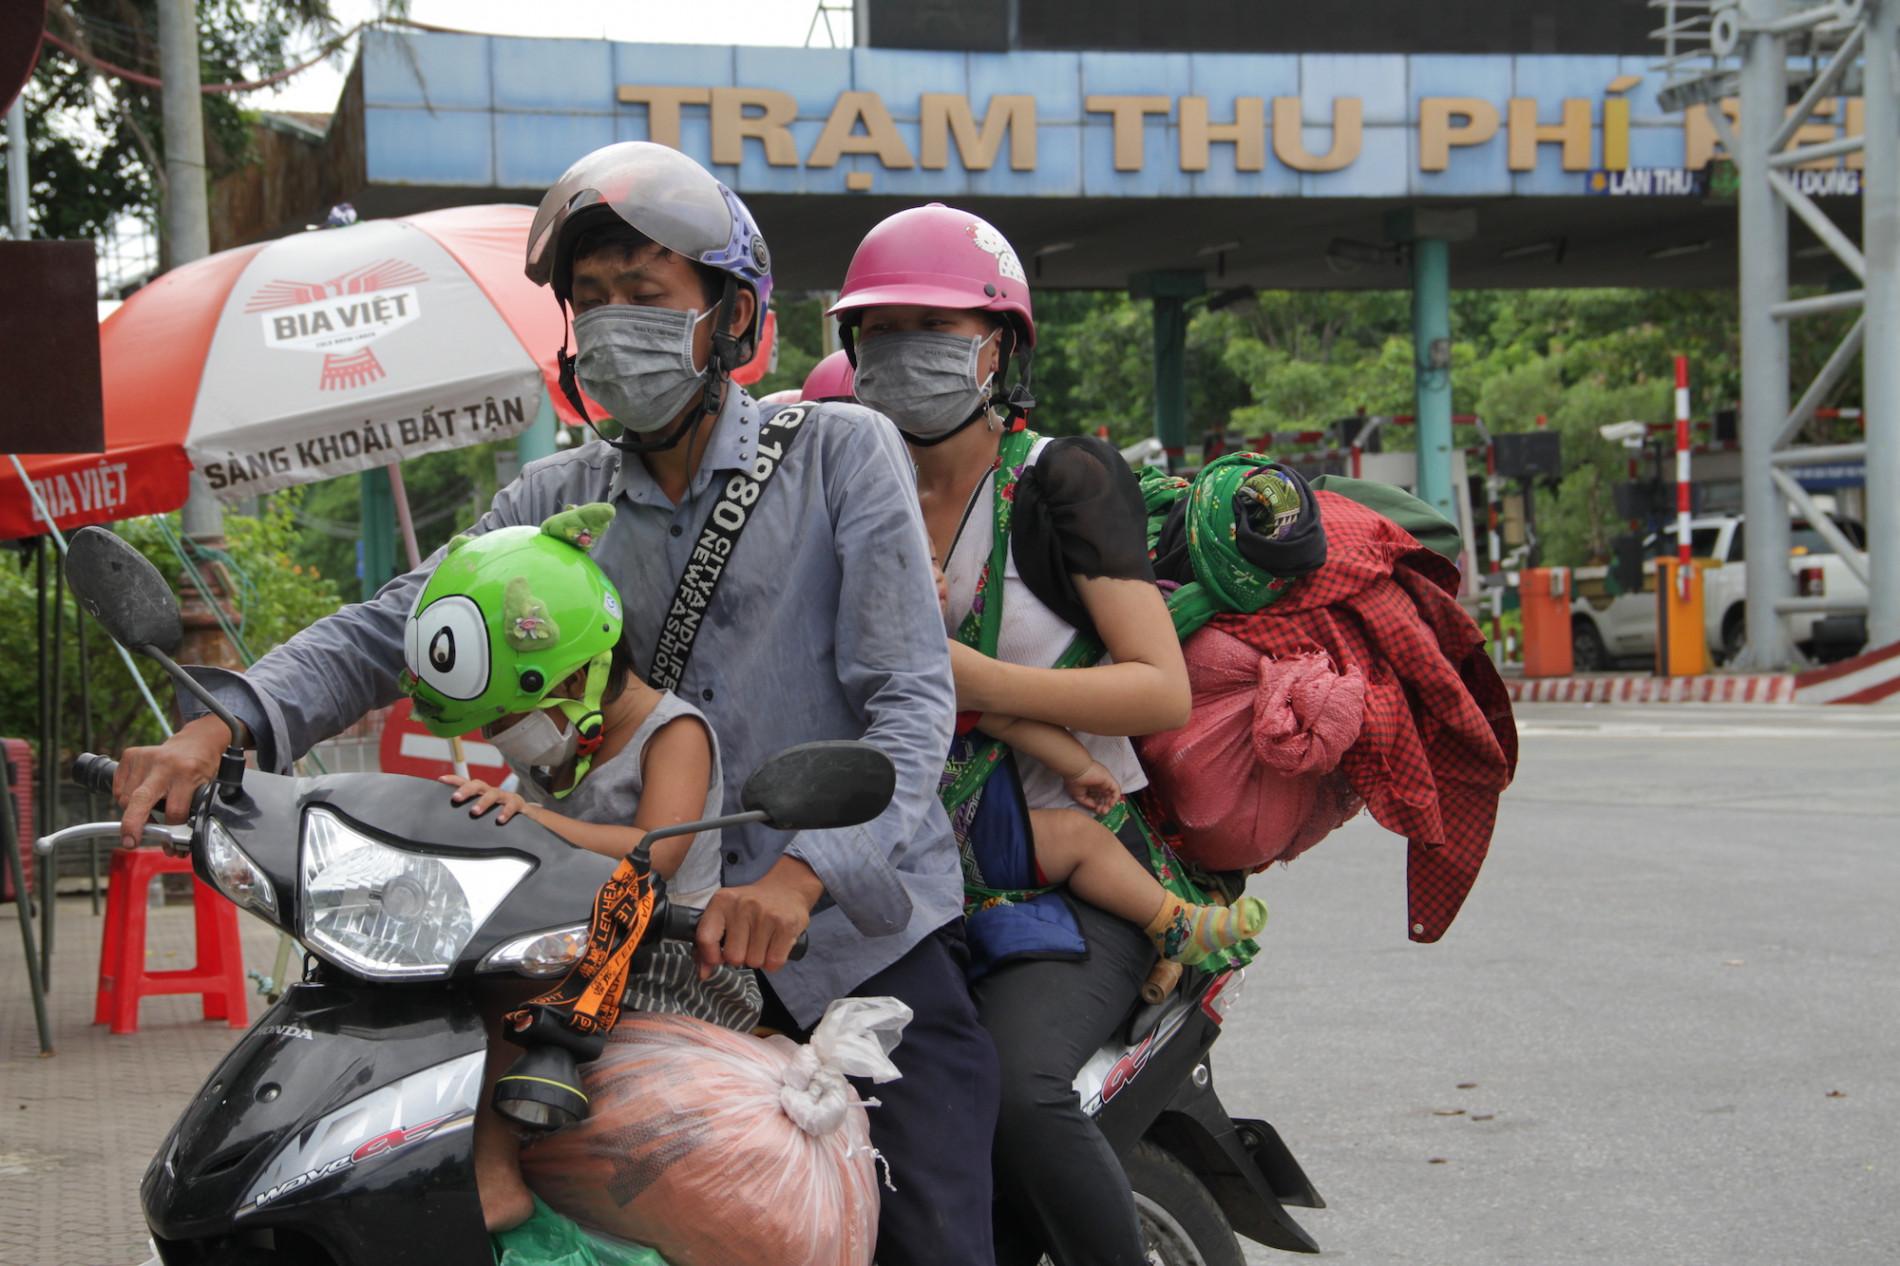 Những đứa trẻ mệt mỏi, xơ xác khi cùng bố mẹ đi hơn 1.000km về quê tránh dịch Covid-19 - Ảnh 1.